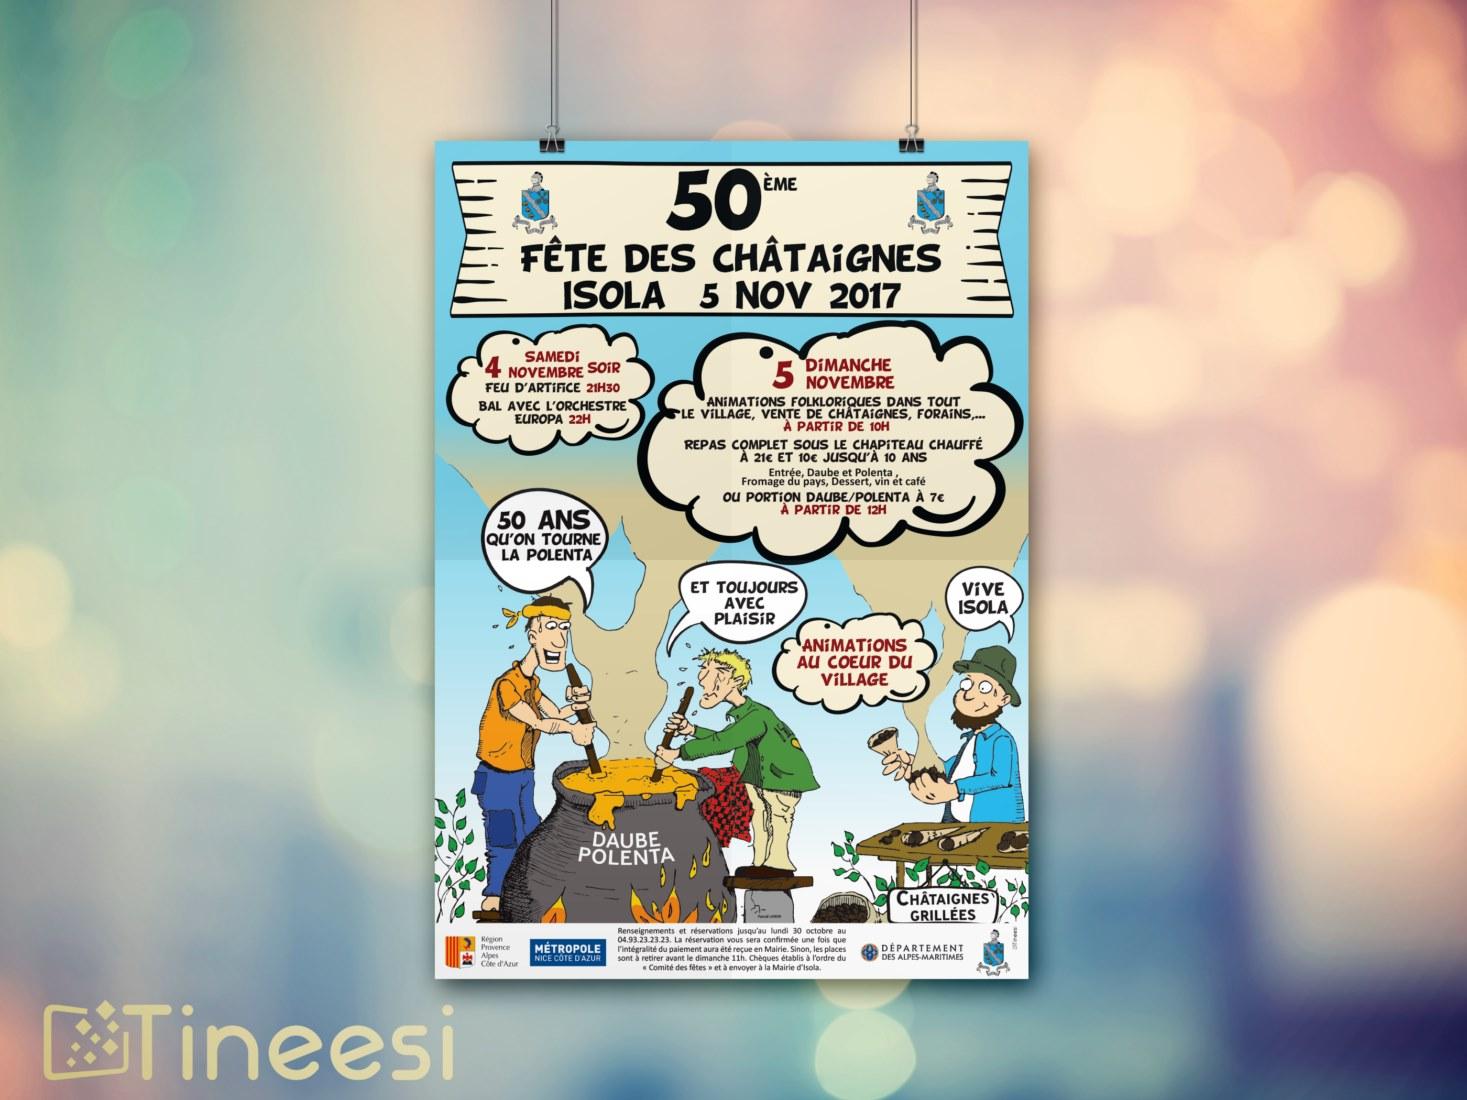 Comité des fêtes isola - Fête des châtaignes affiche